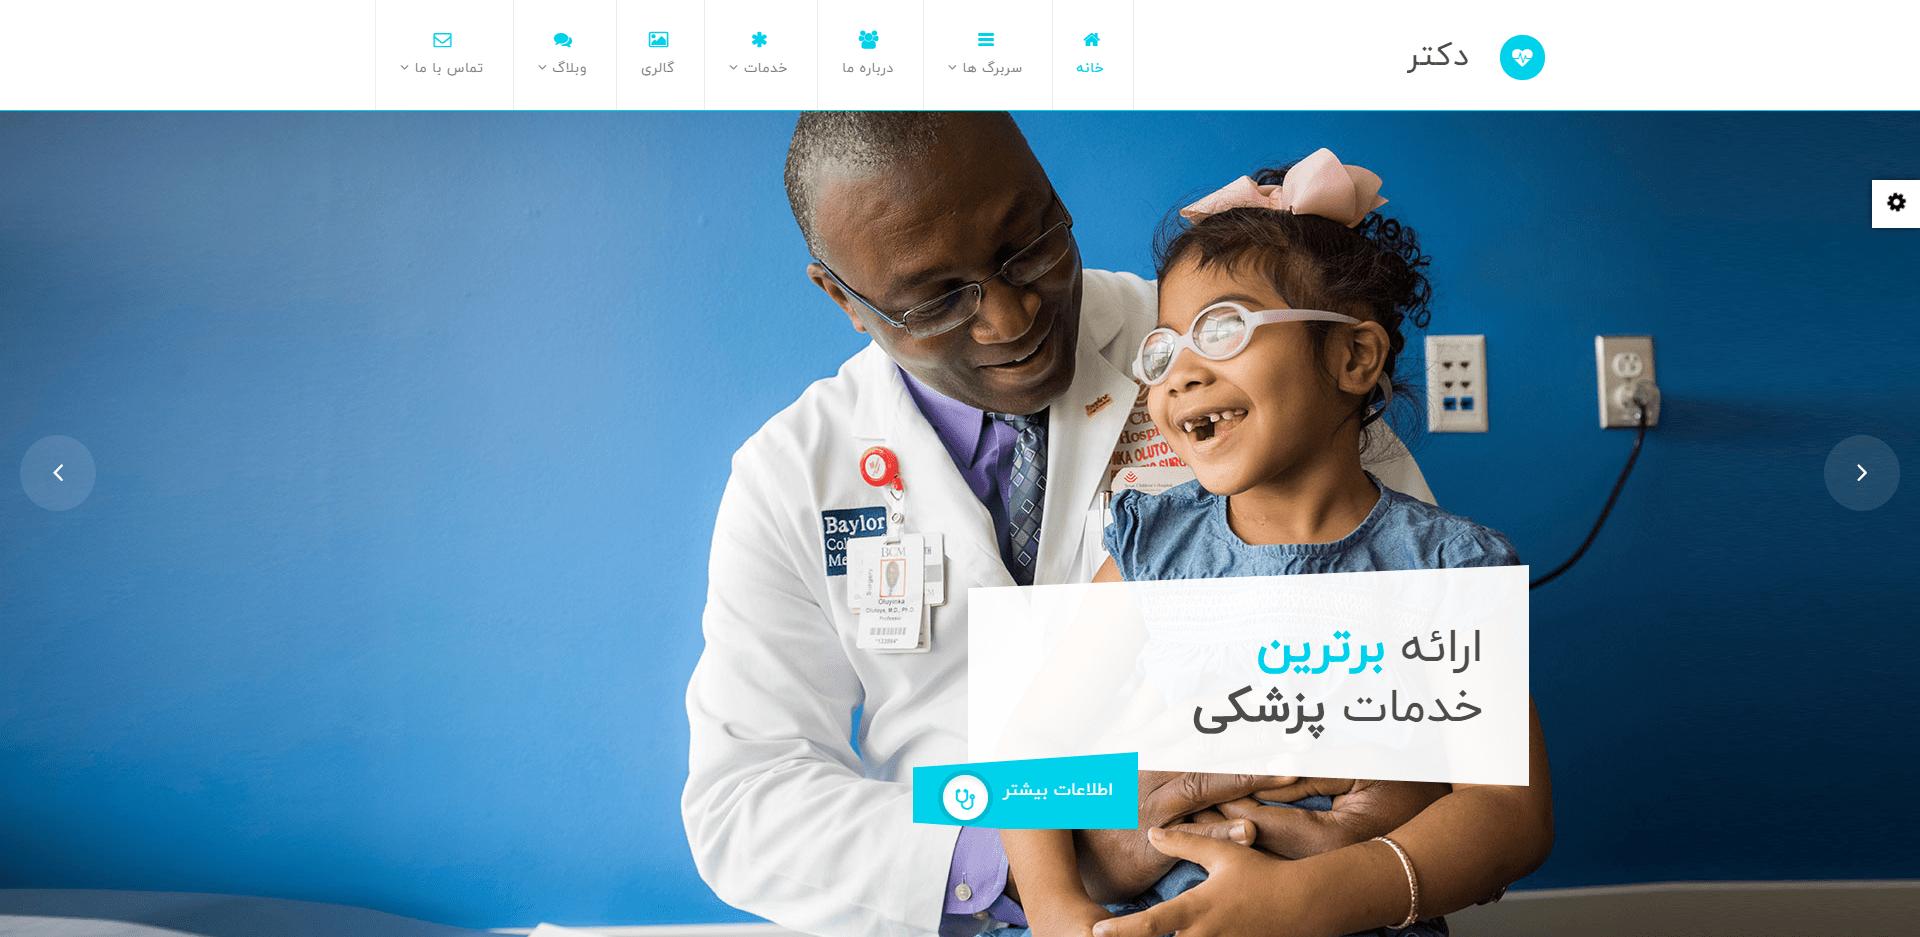 بهترین قالب پزشکی وردپرس دکتر